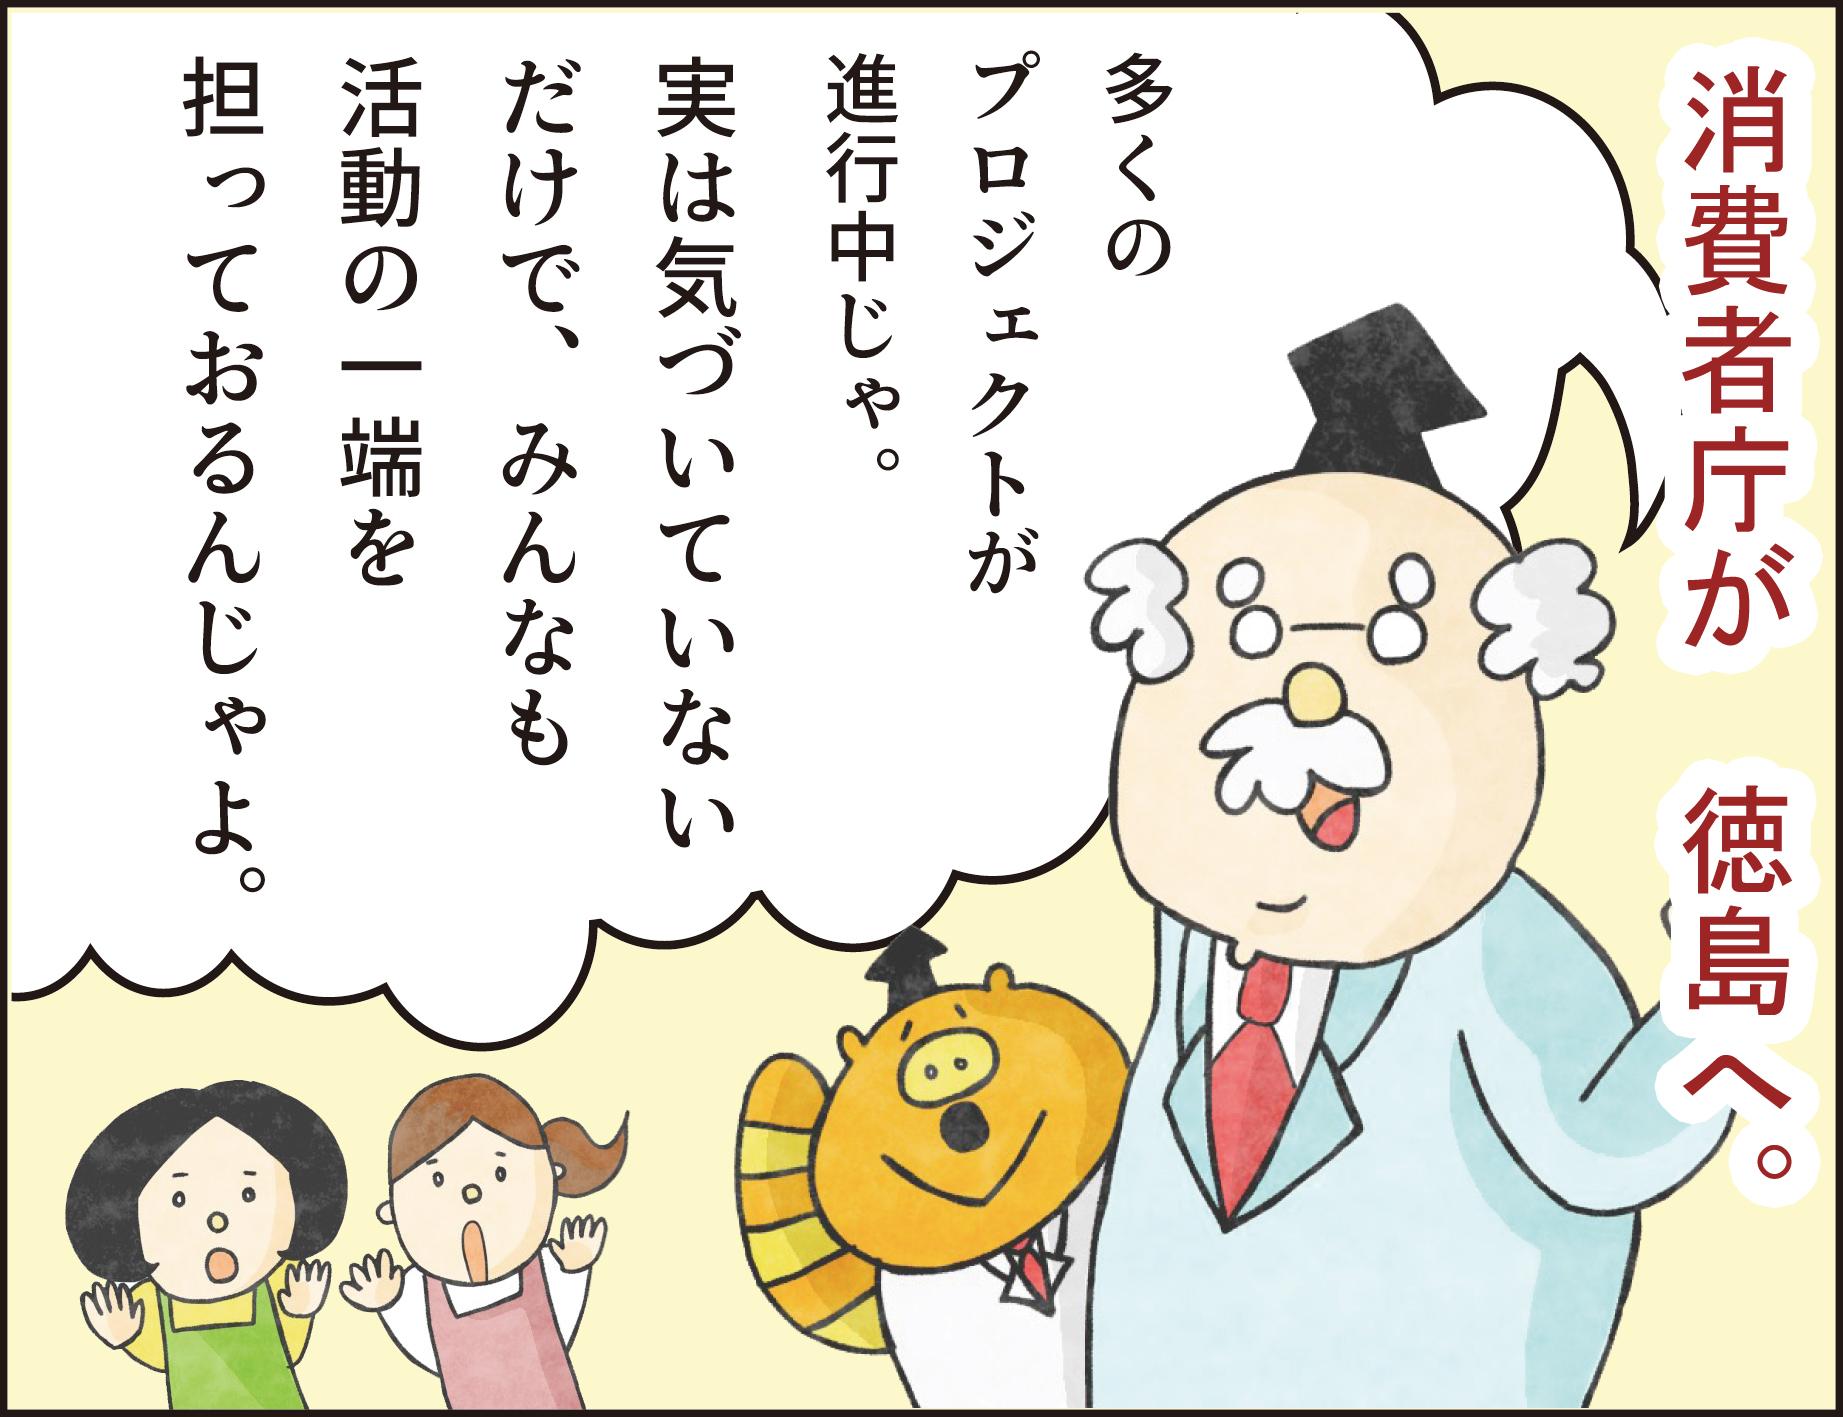 「消費者庁が徳島へ。」とくしまの人、一人ひとりが全国をリードする『モデル』に。…知らないままで、本当にいいの? 消費者行政のプロジェクトはこちらでチェック!!!